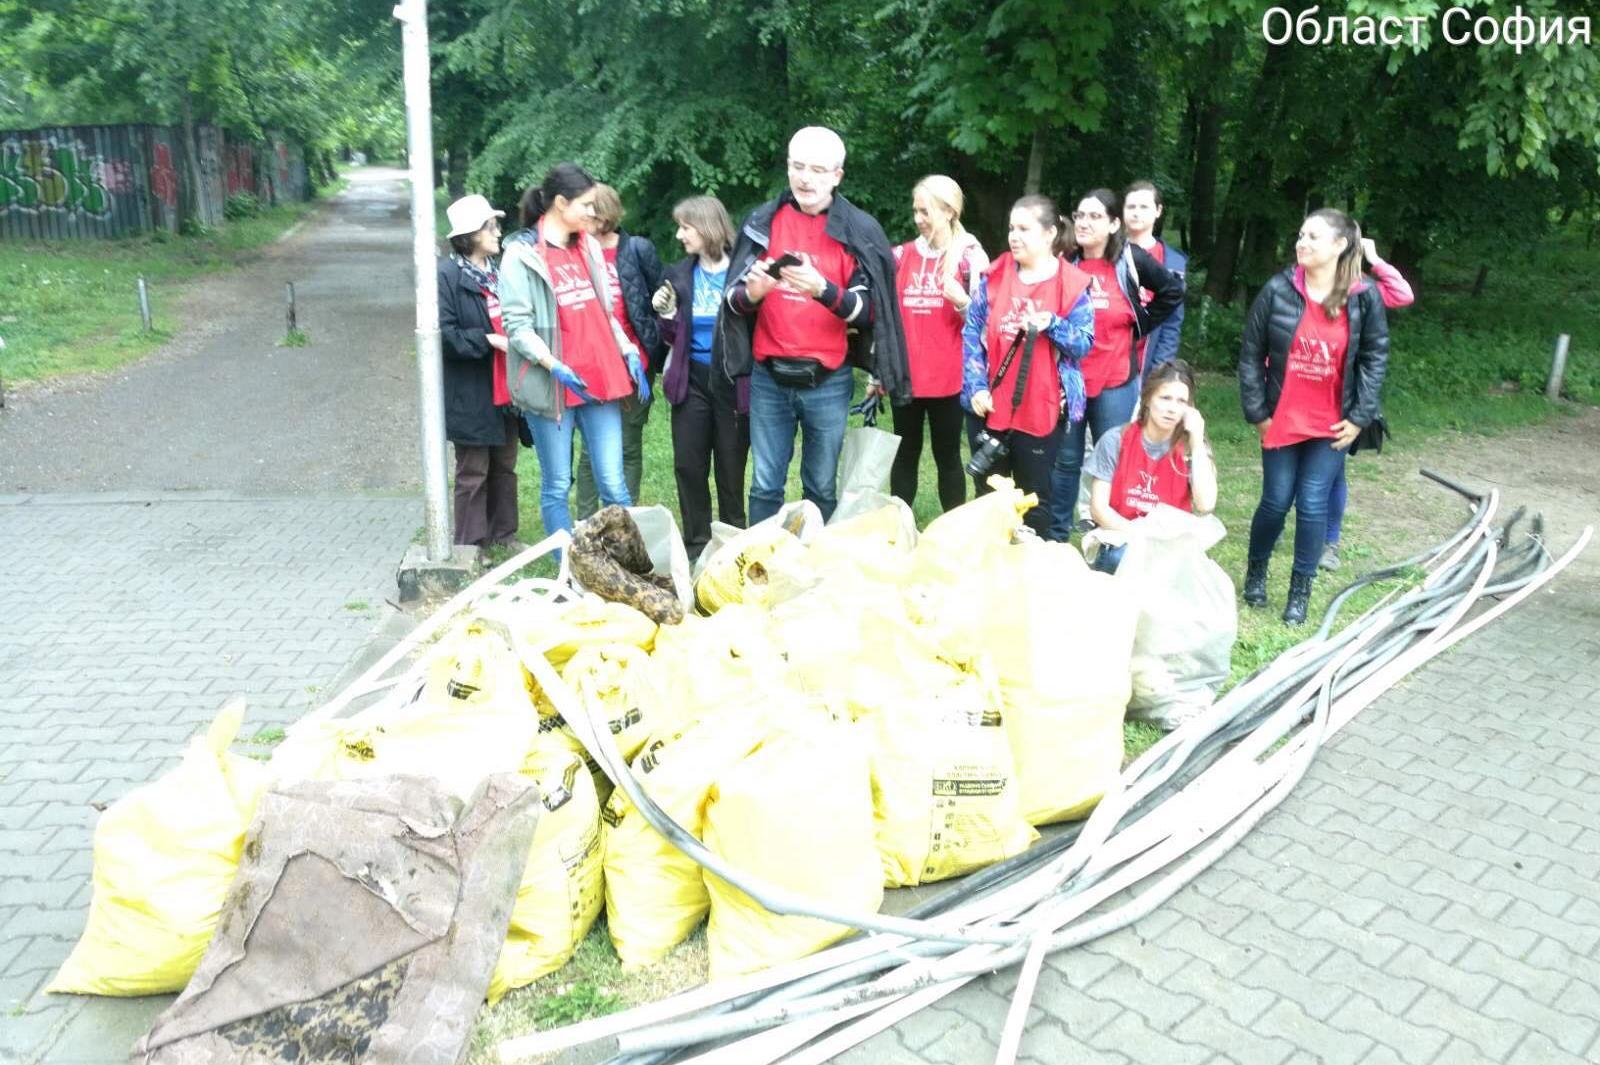 Пролетно почистване започна в различни части на София